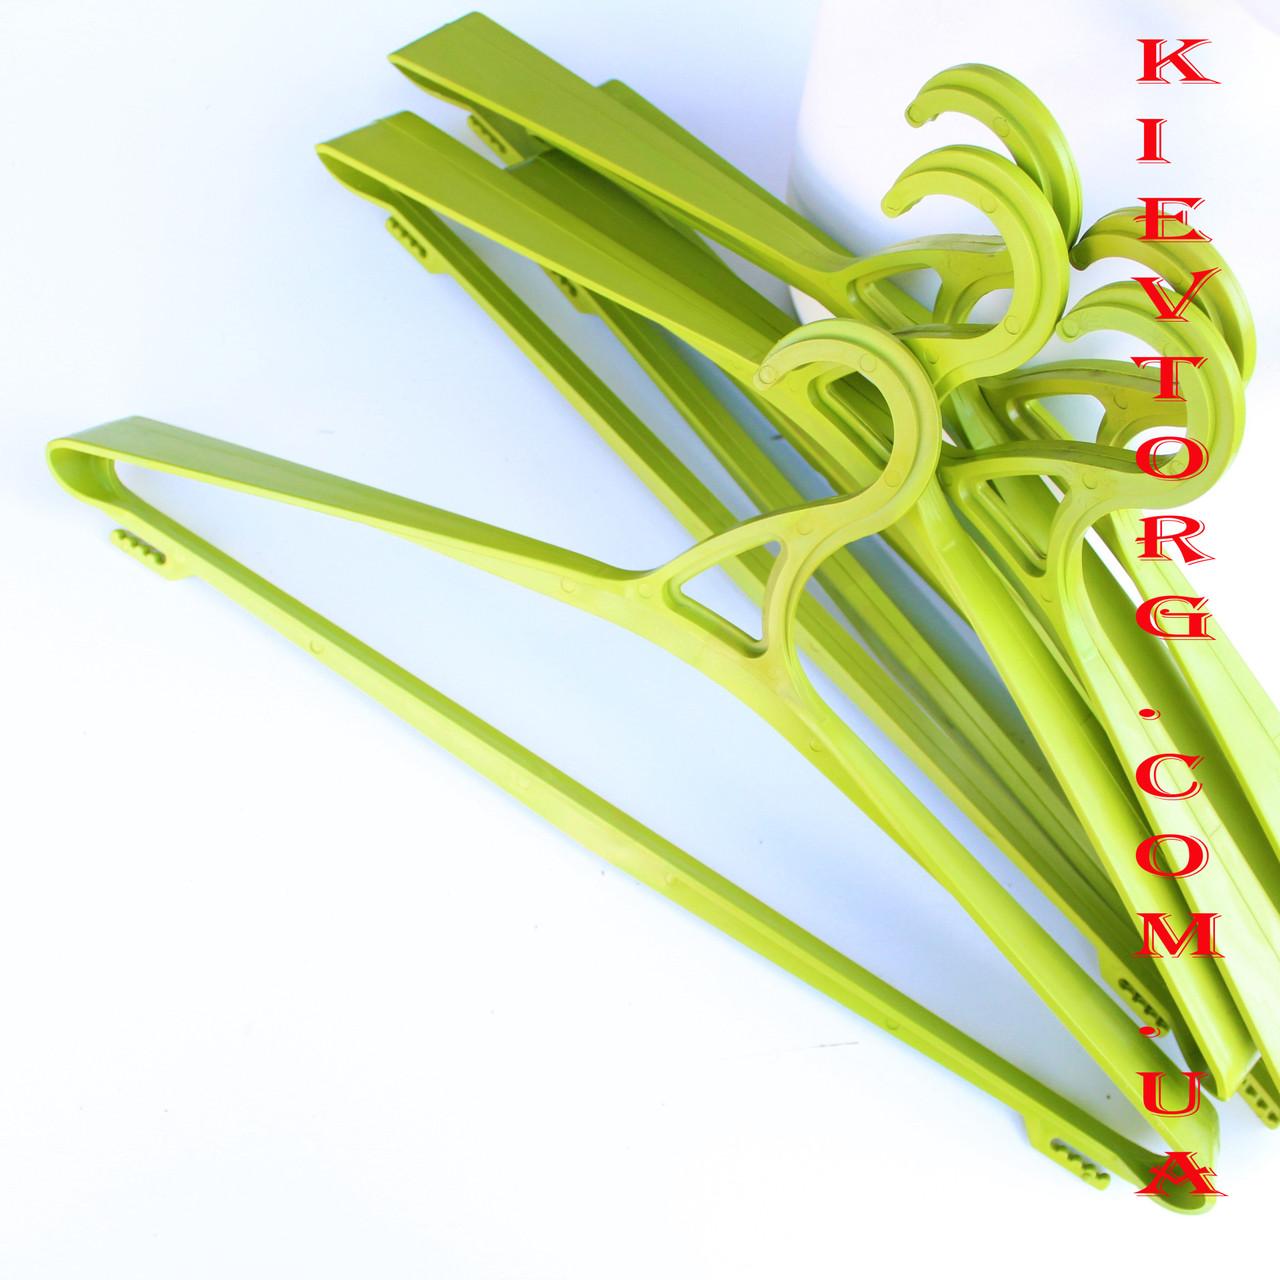 Вешалки плечики тремпеля пластиковые для верхней одежды салатовые, 49 см, 5 шт